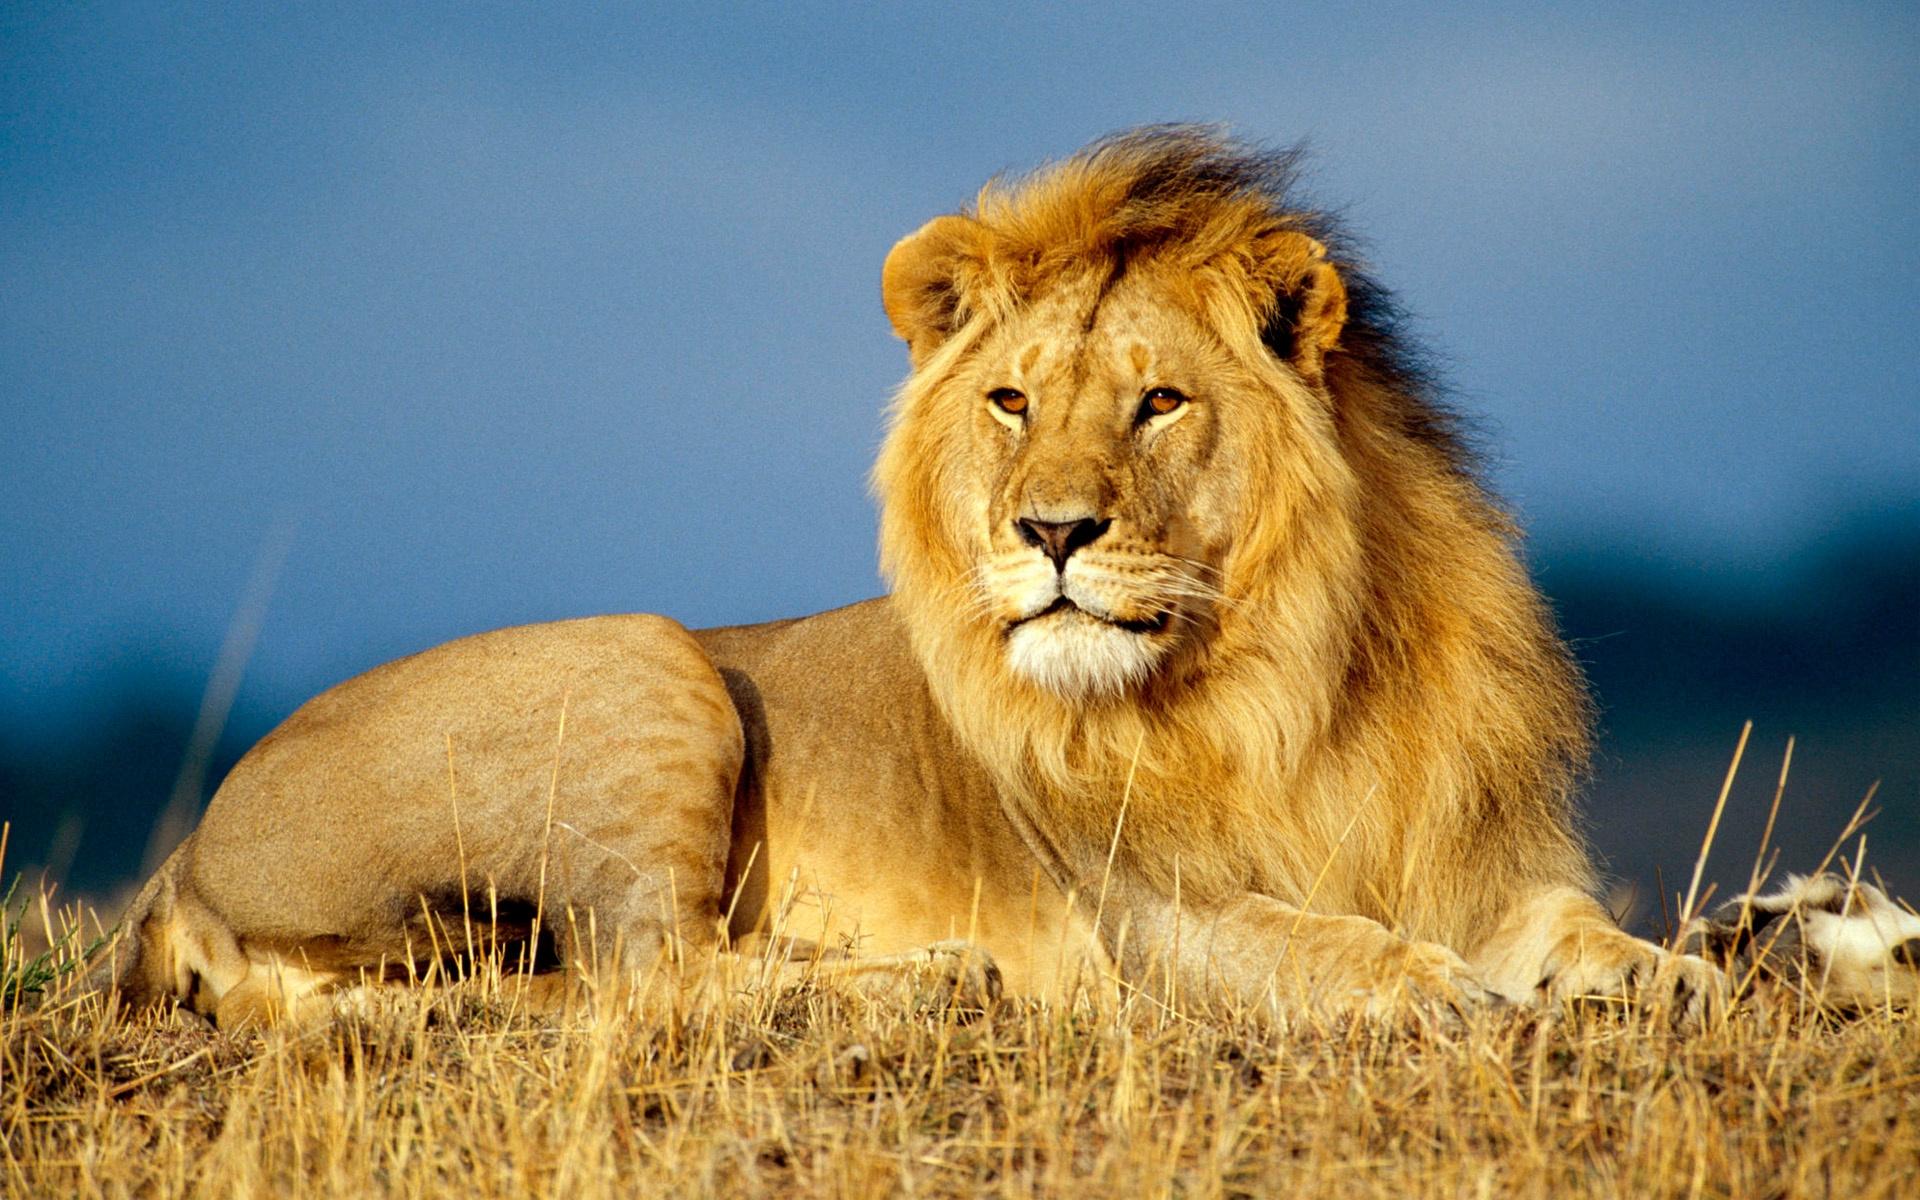 самая красивая картинка лев надписи были как